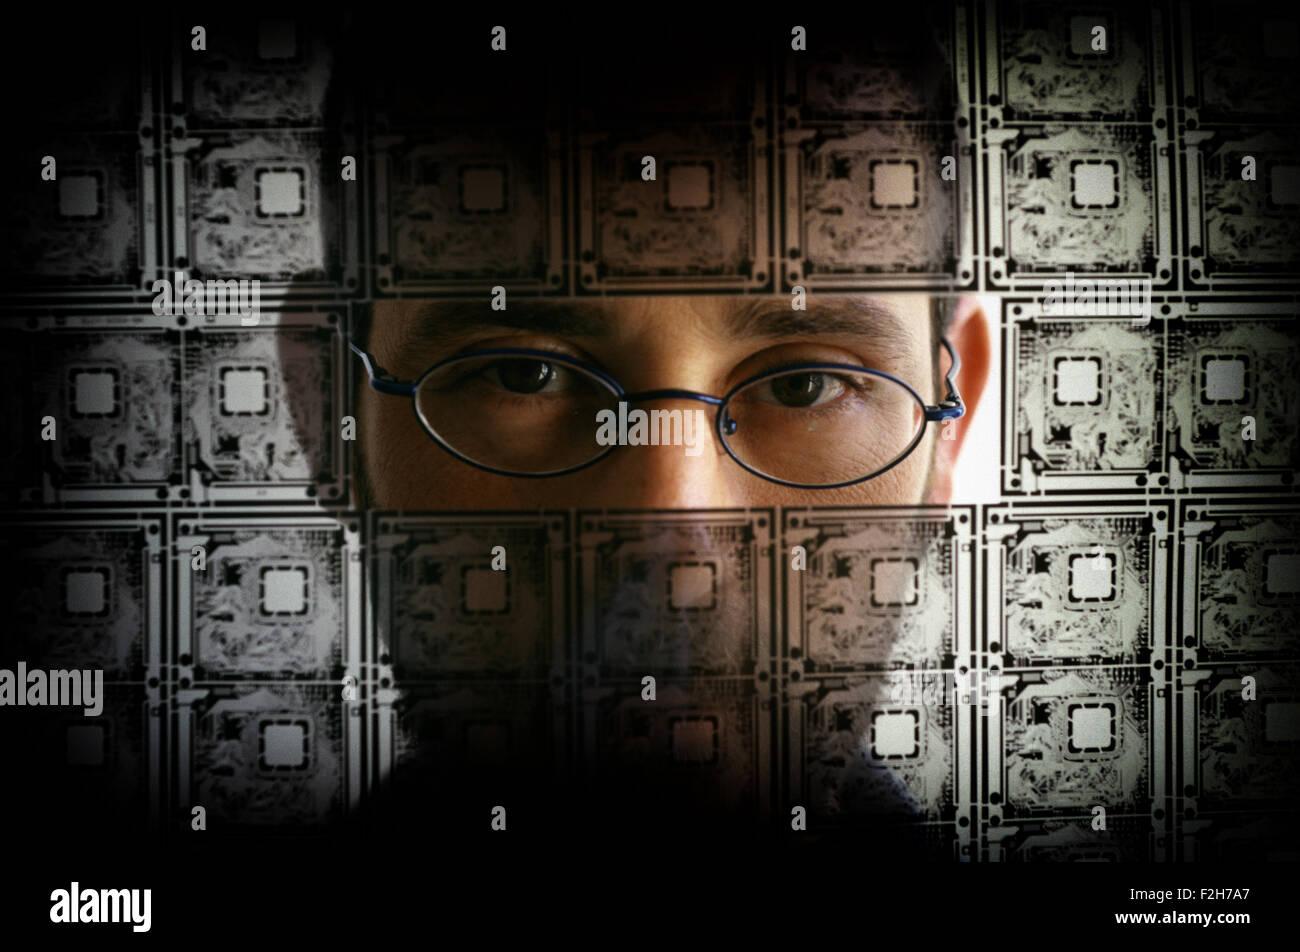 Una persona cerca attraverso trasparente del circuito elettrico di bordo e filo spinato Immagini Stock